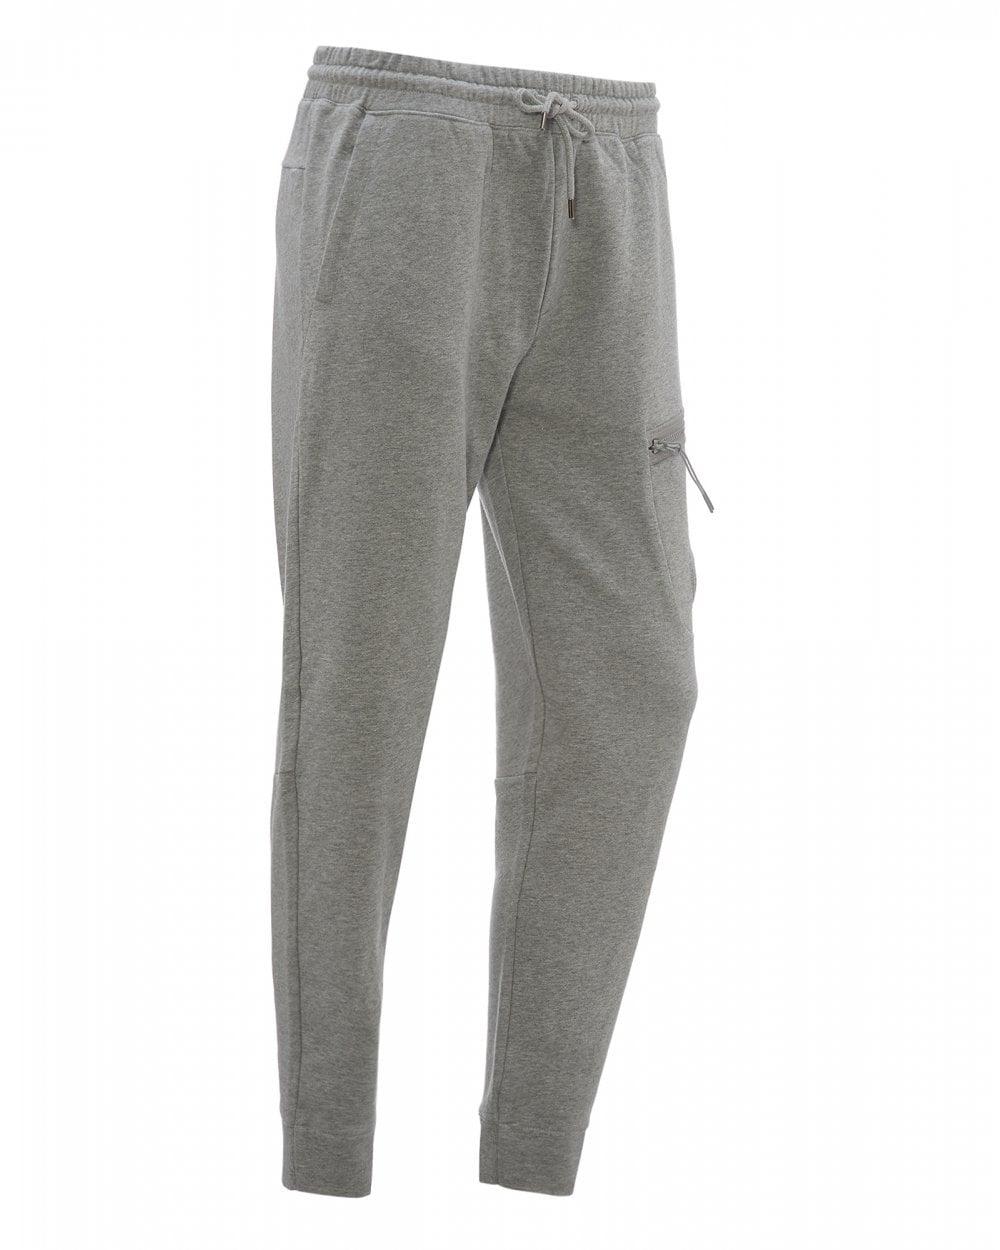 Mens Tiger Sweatpants with Pockets Soft Drawstring Jogger Pants